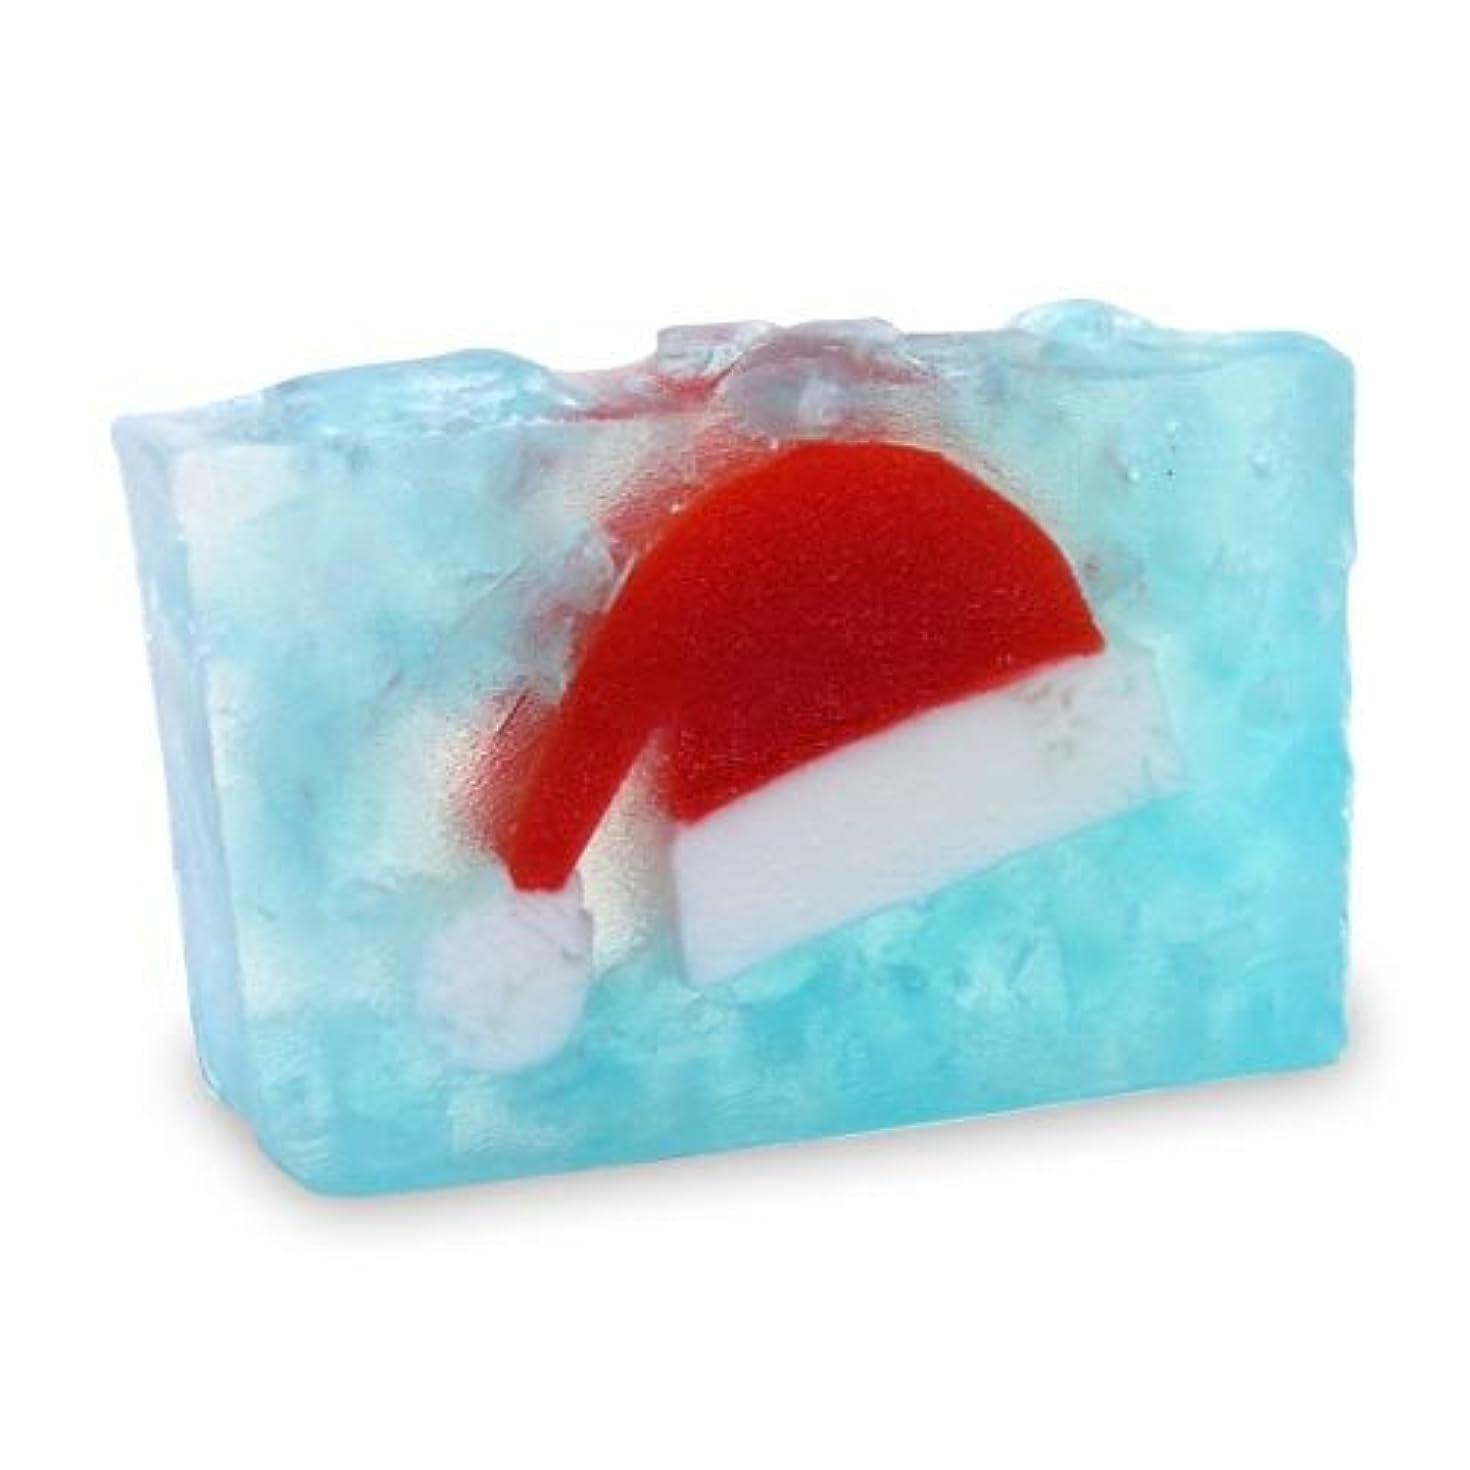 泳ぐ論文プラスチックプライモールエレメンツ アロマティック ソープ サンタキャップ 180g 植物性 ナチュラル 石鹸 無添加